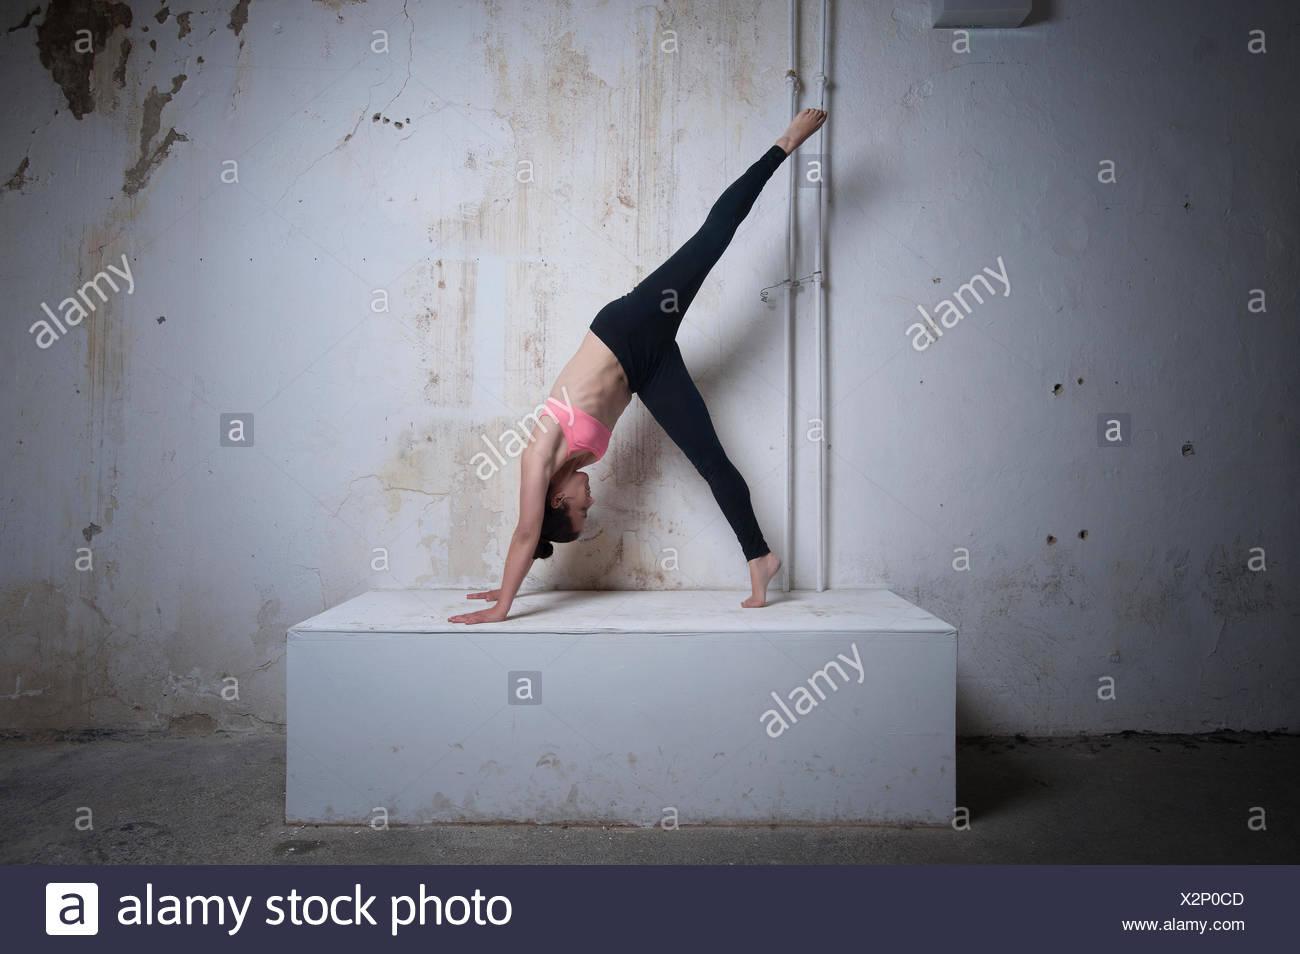 Metà donna adulta praticando uno zampe rivolta verso il basso la posizione del cane sul blocco di calcestruzzo, Monaco di Baviera, Germania Immagini Stock